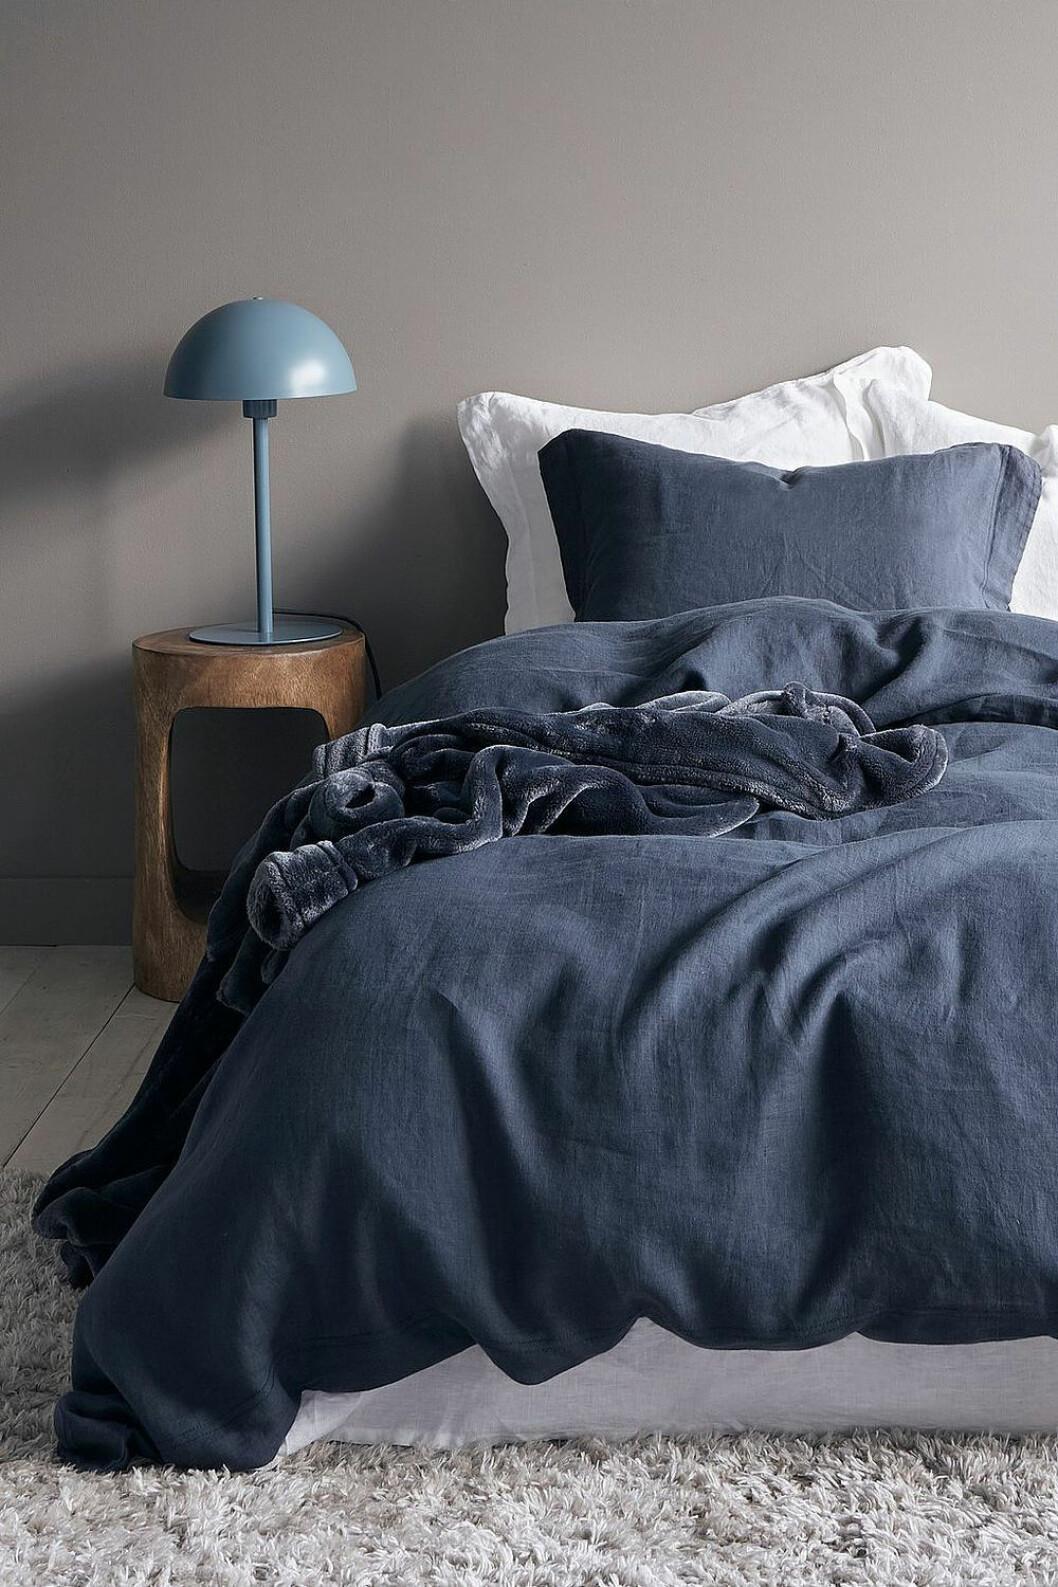 Sovrum med blå påslakan från Ellos Home